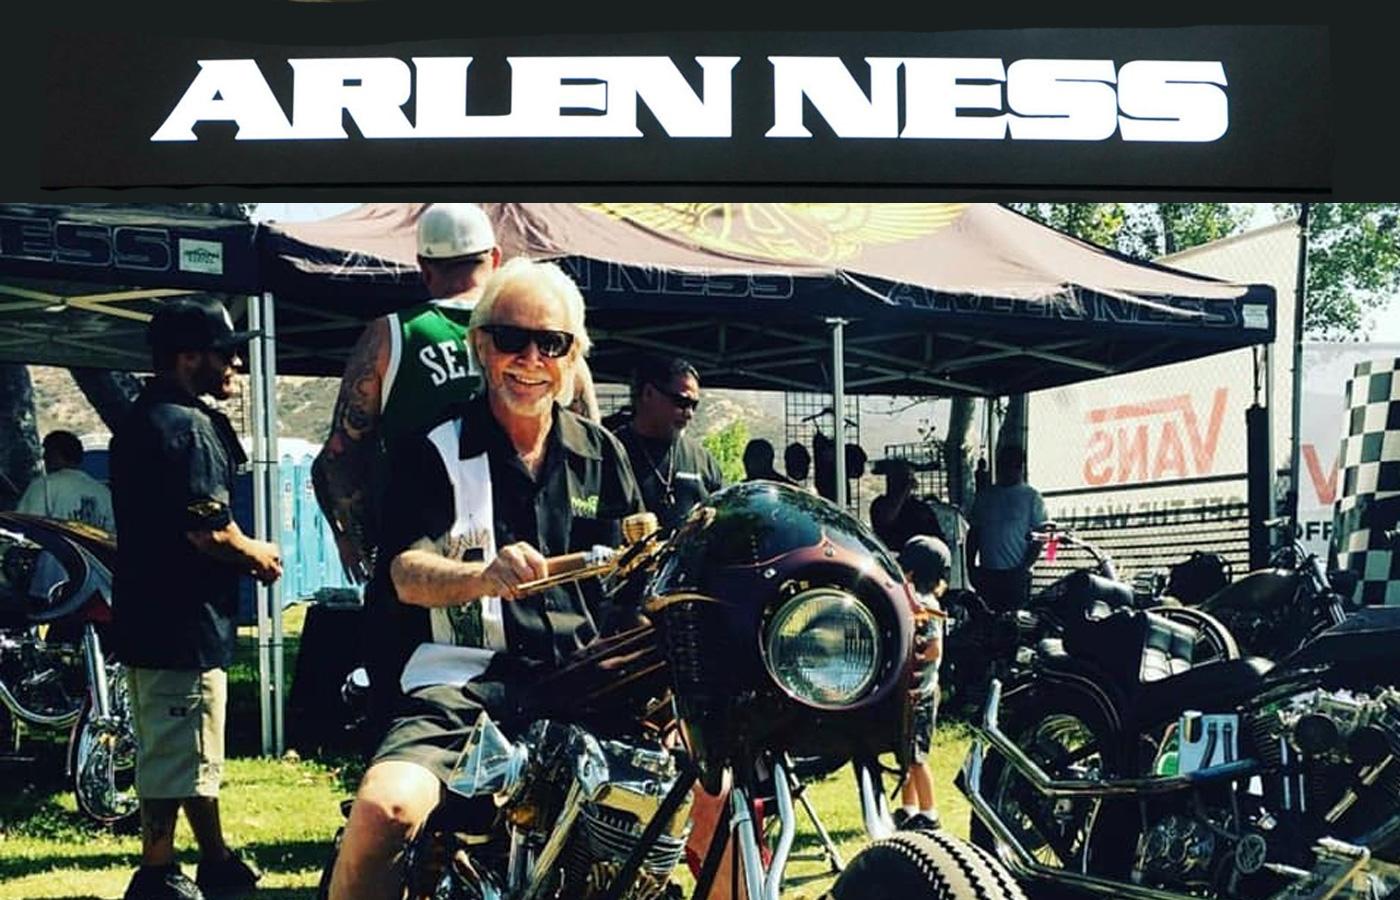 Die Customizer Legende Arlen Ness ist verstorben